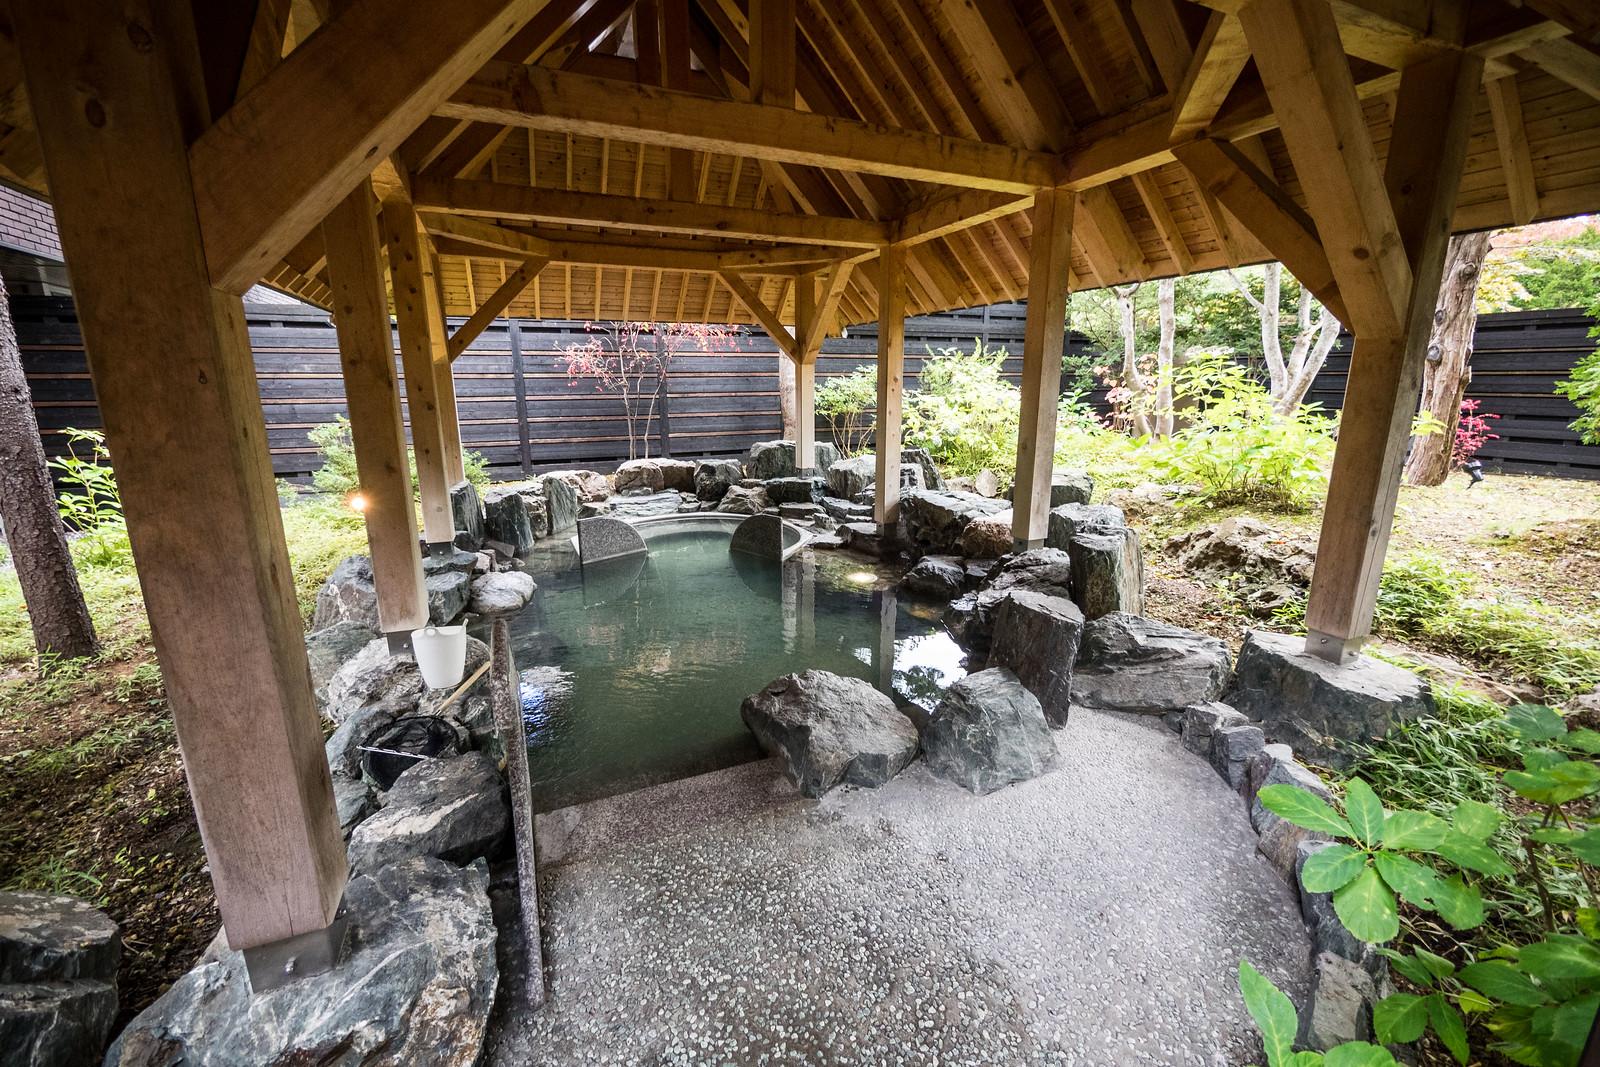 The outdoor pool at the Mizu no Uta Onsen, Lake Shikotsu, Hokkaido, Japan